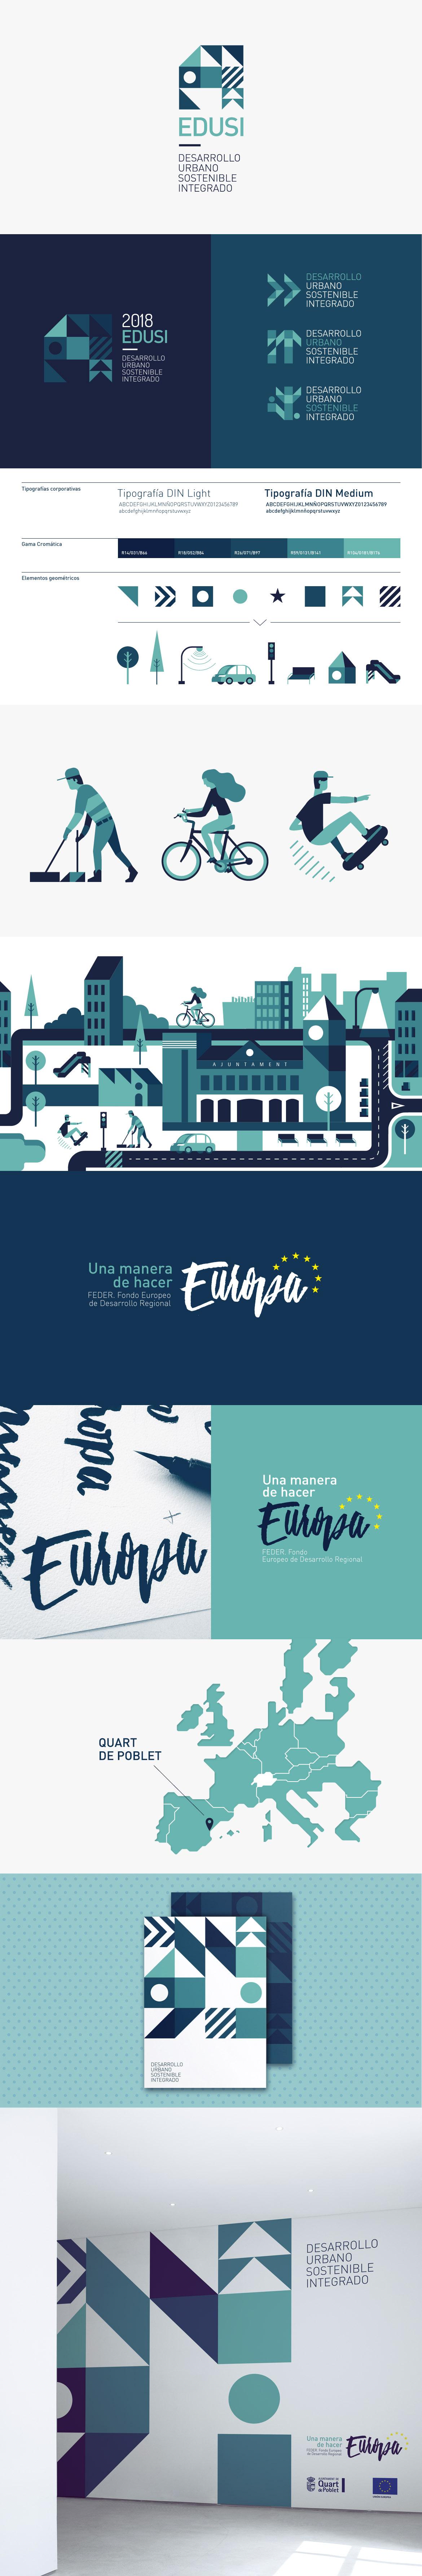 Identidad Corporativa, diseño gráfico y lettering de la EDUSI de Quart de Poblet en Valencia